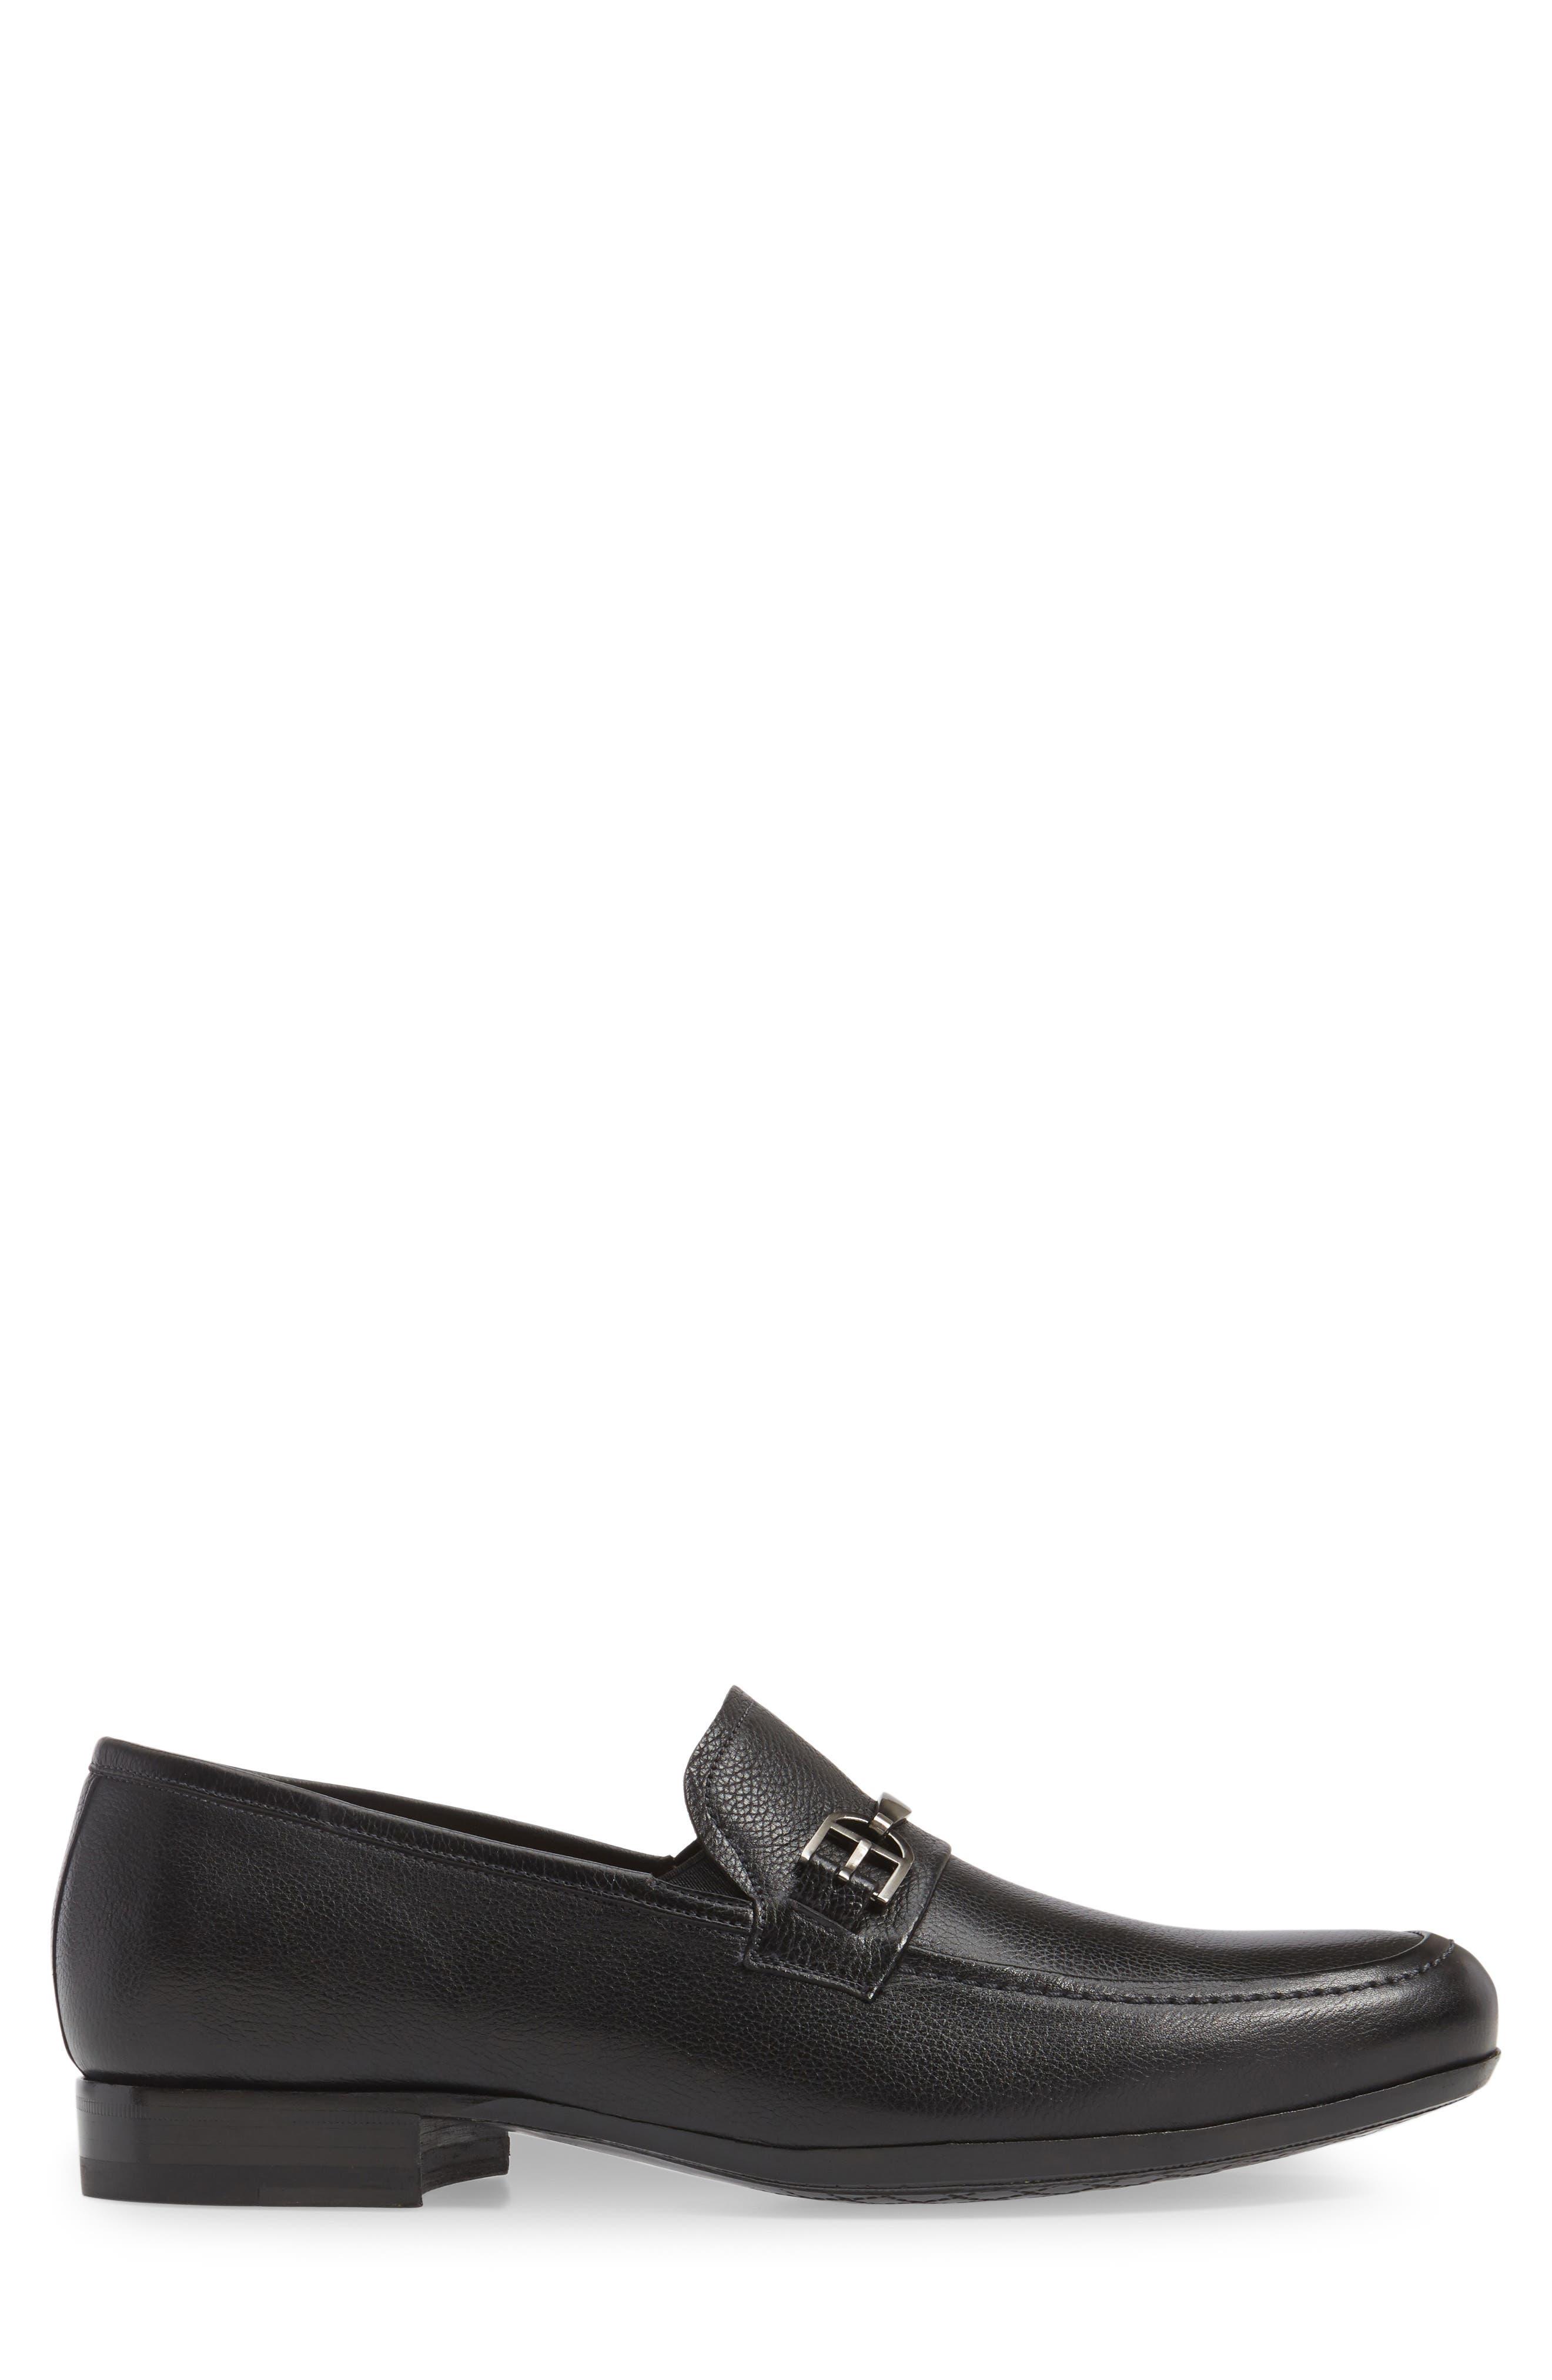 Binet Bit Loafer,                             Alternate thumbnail 3, color,                             Black Leather